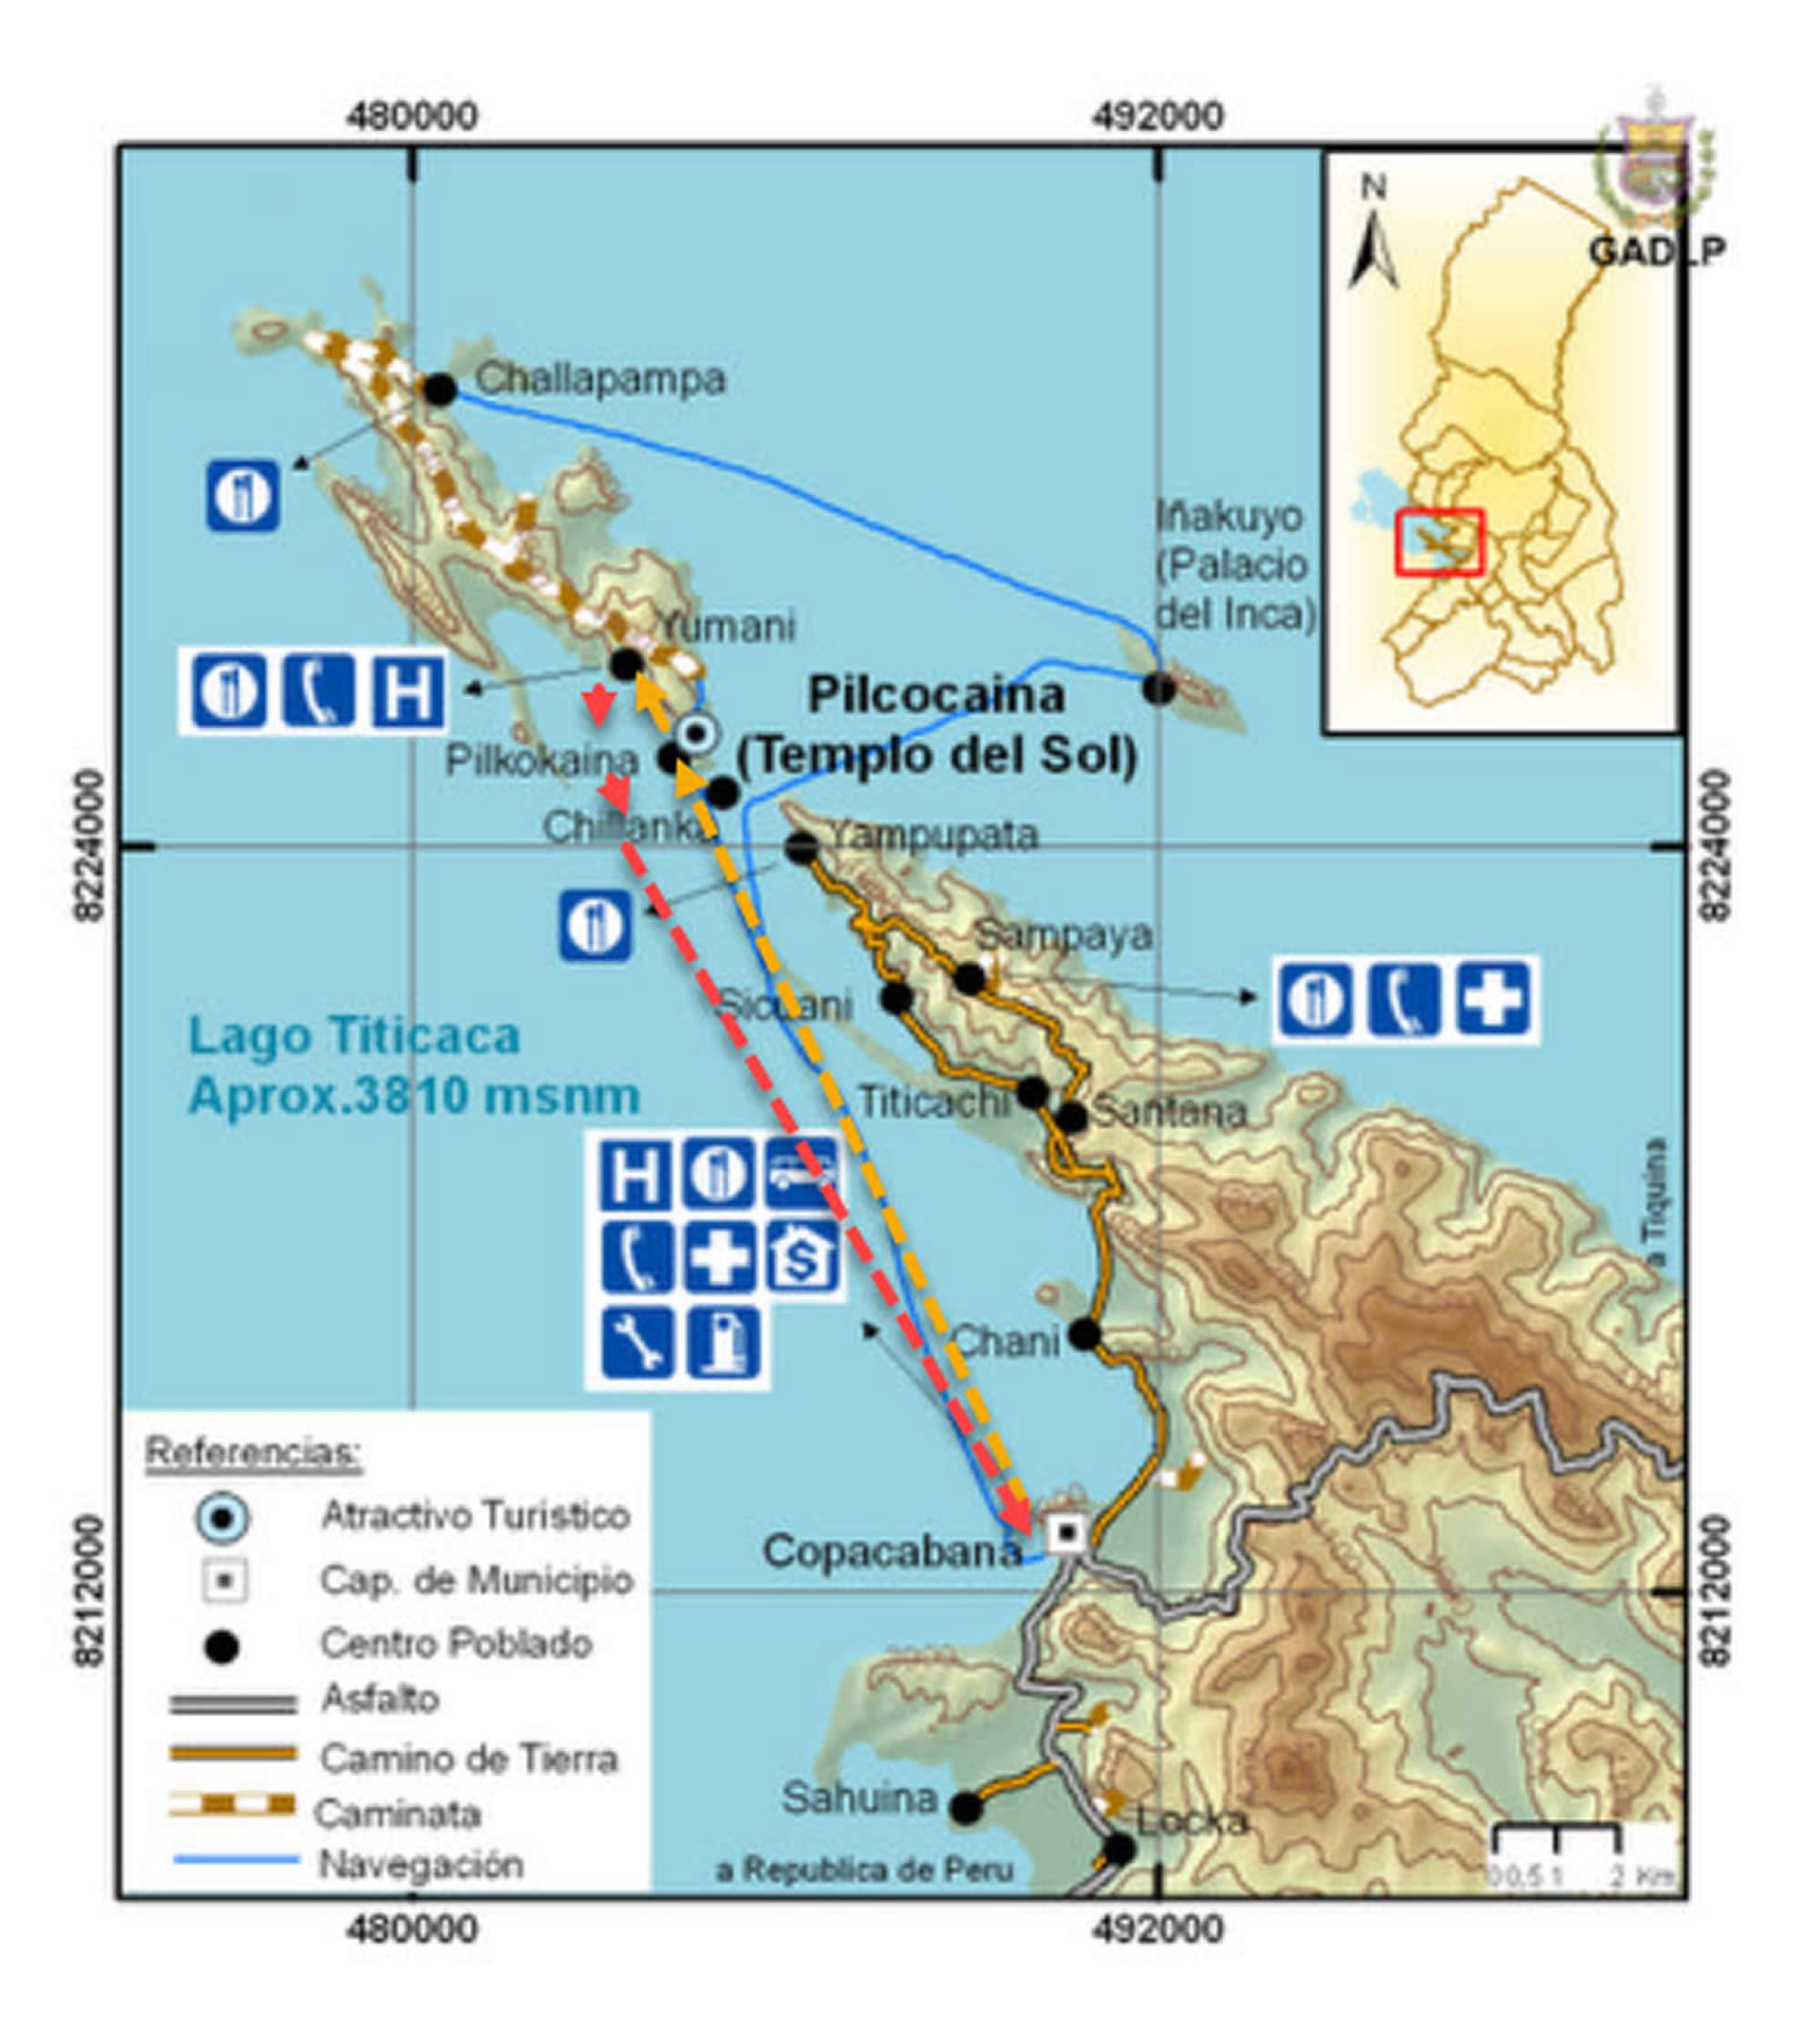 Tour Compartido Crucero Titicaca a la Momia Tani, Copacabana